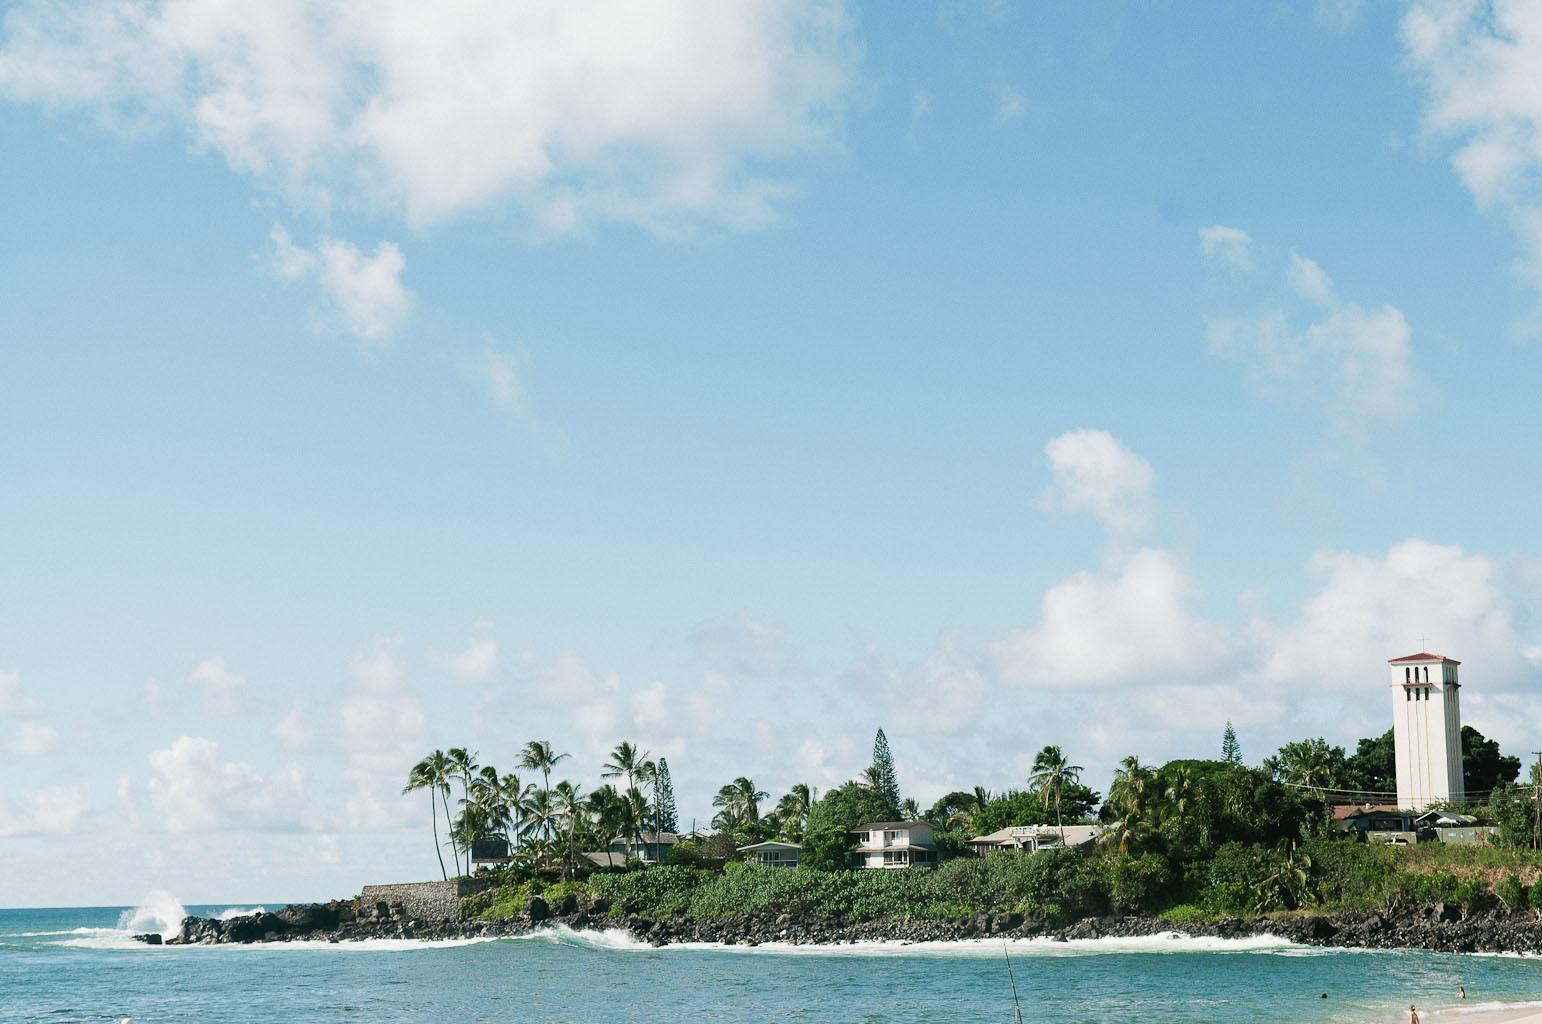 hawaii2013_38.jpg